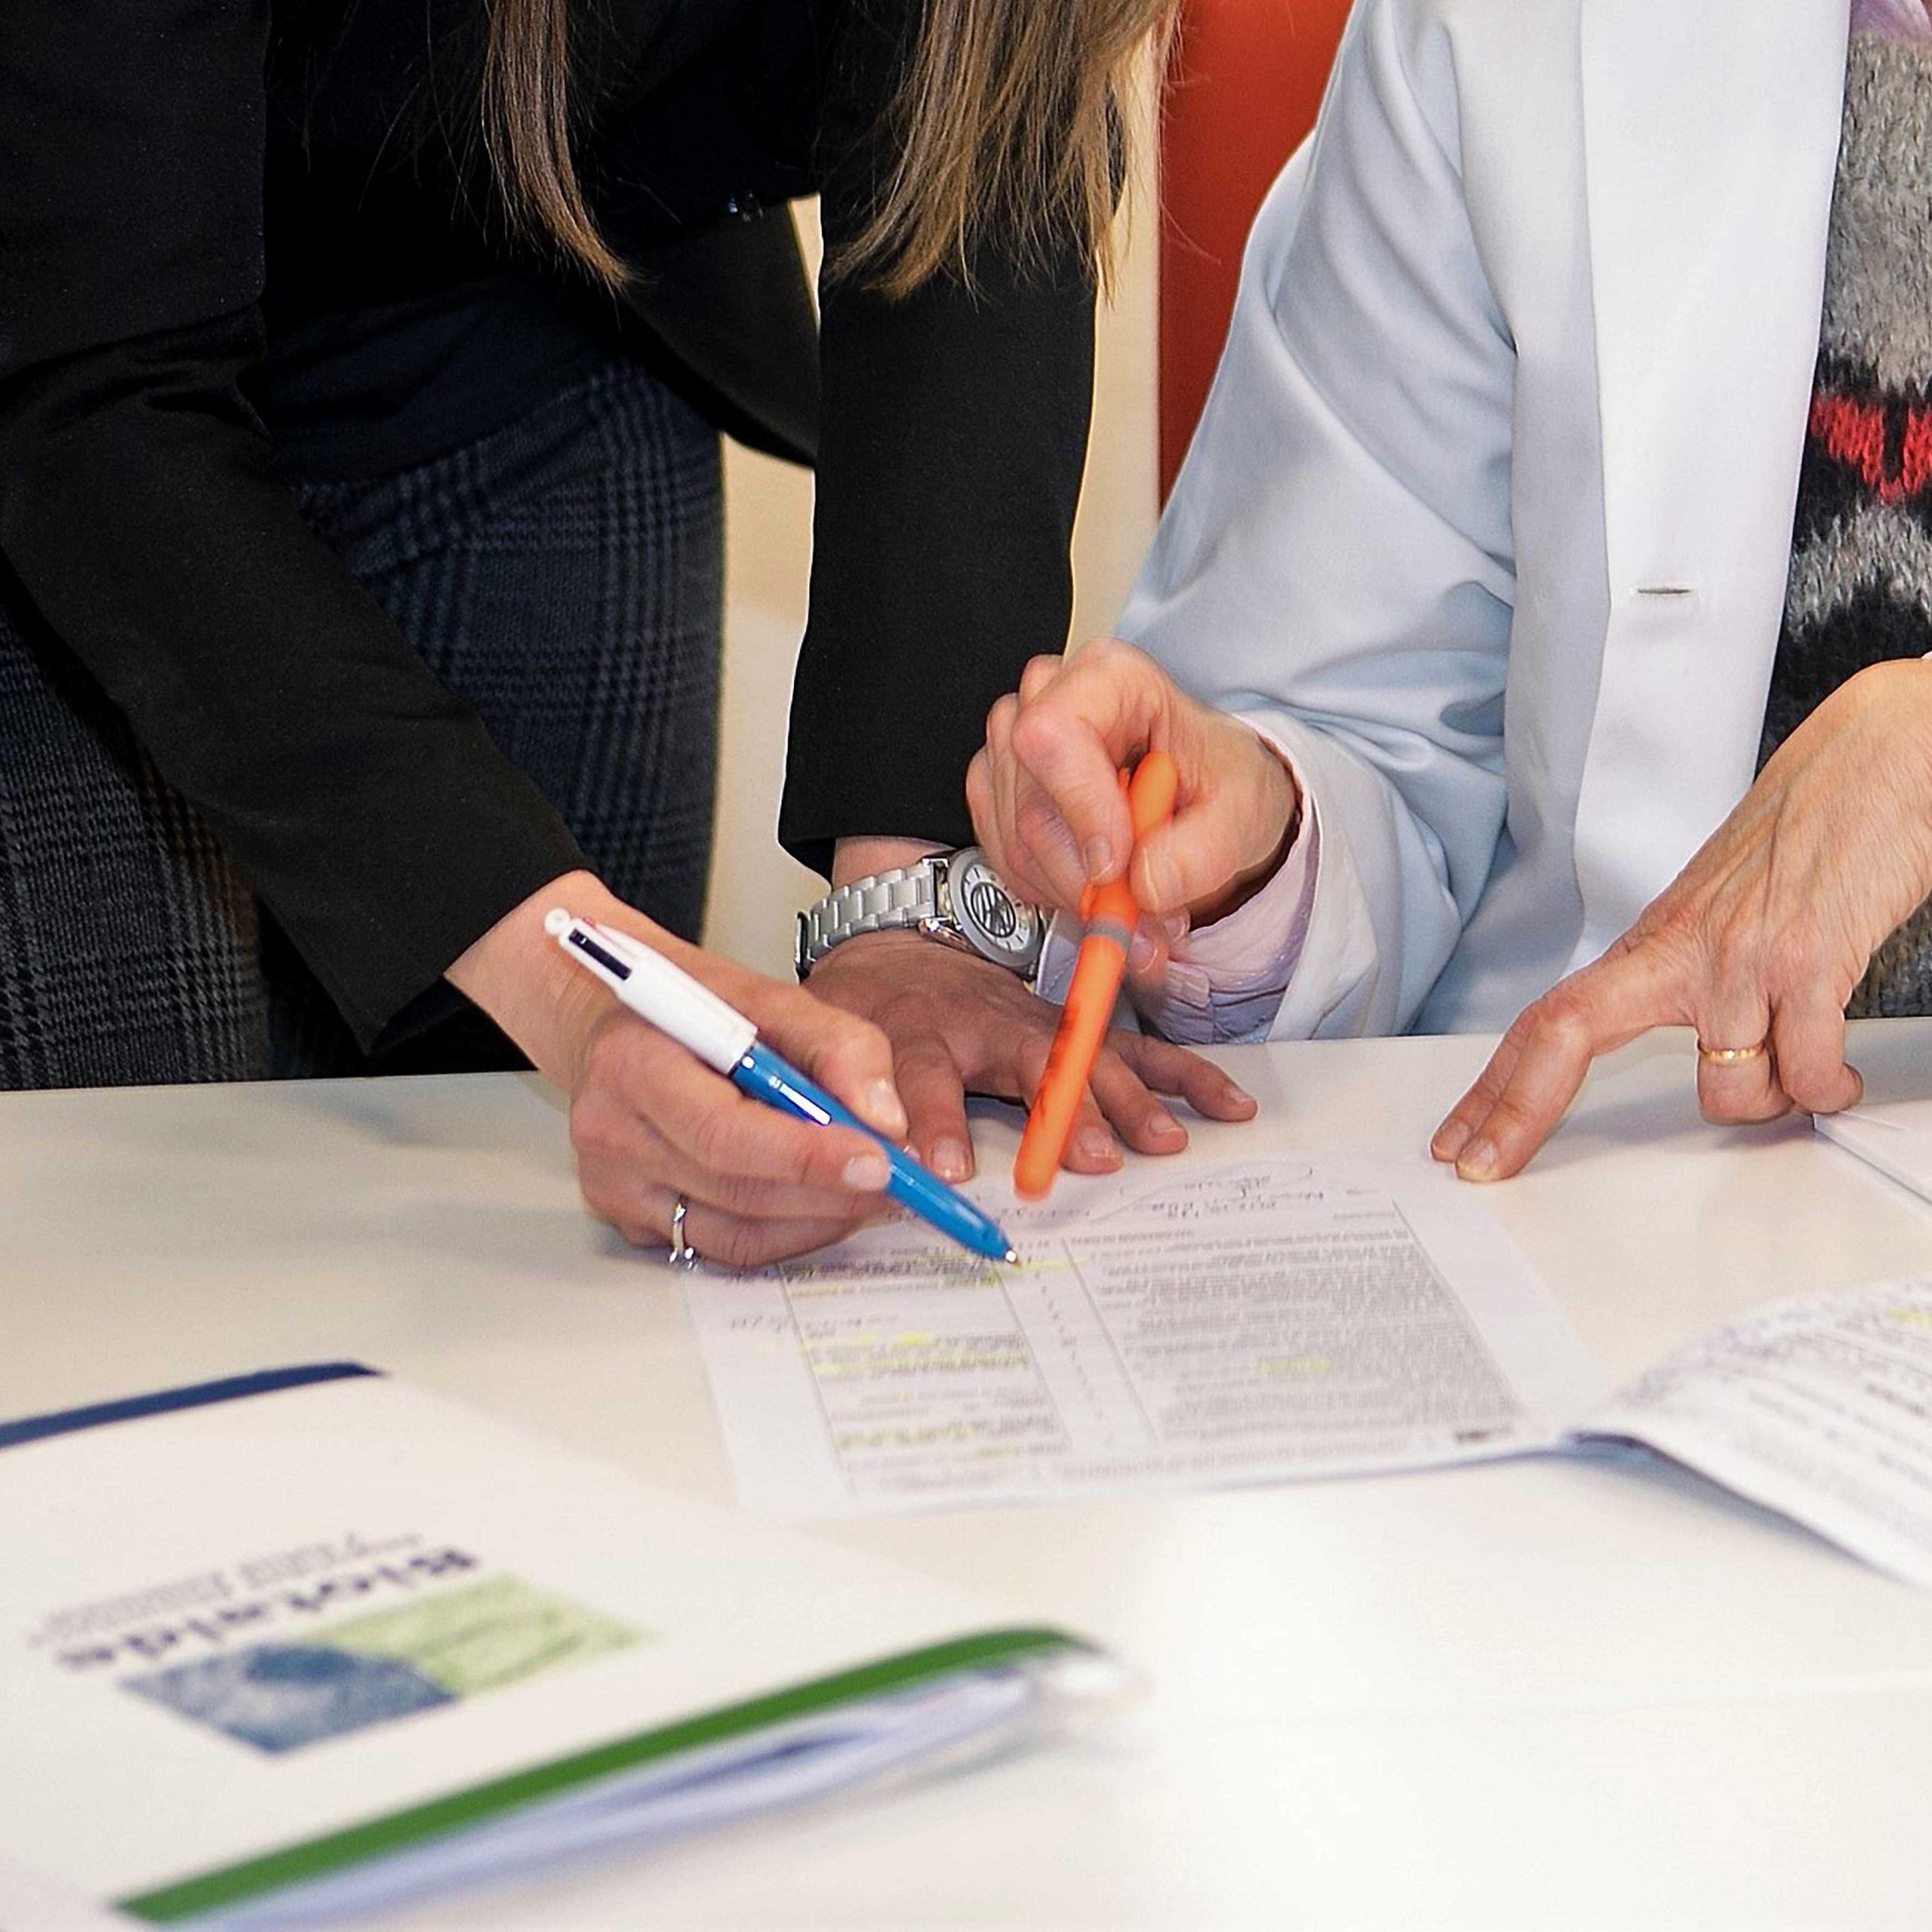 Auditorias e inspecciones